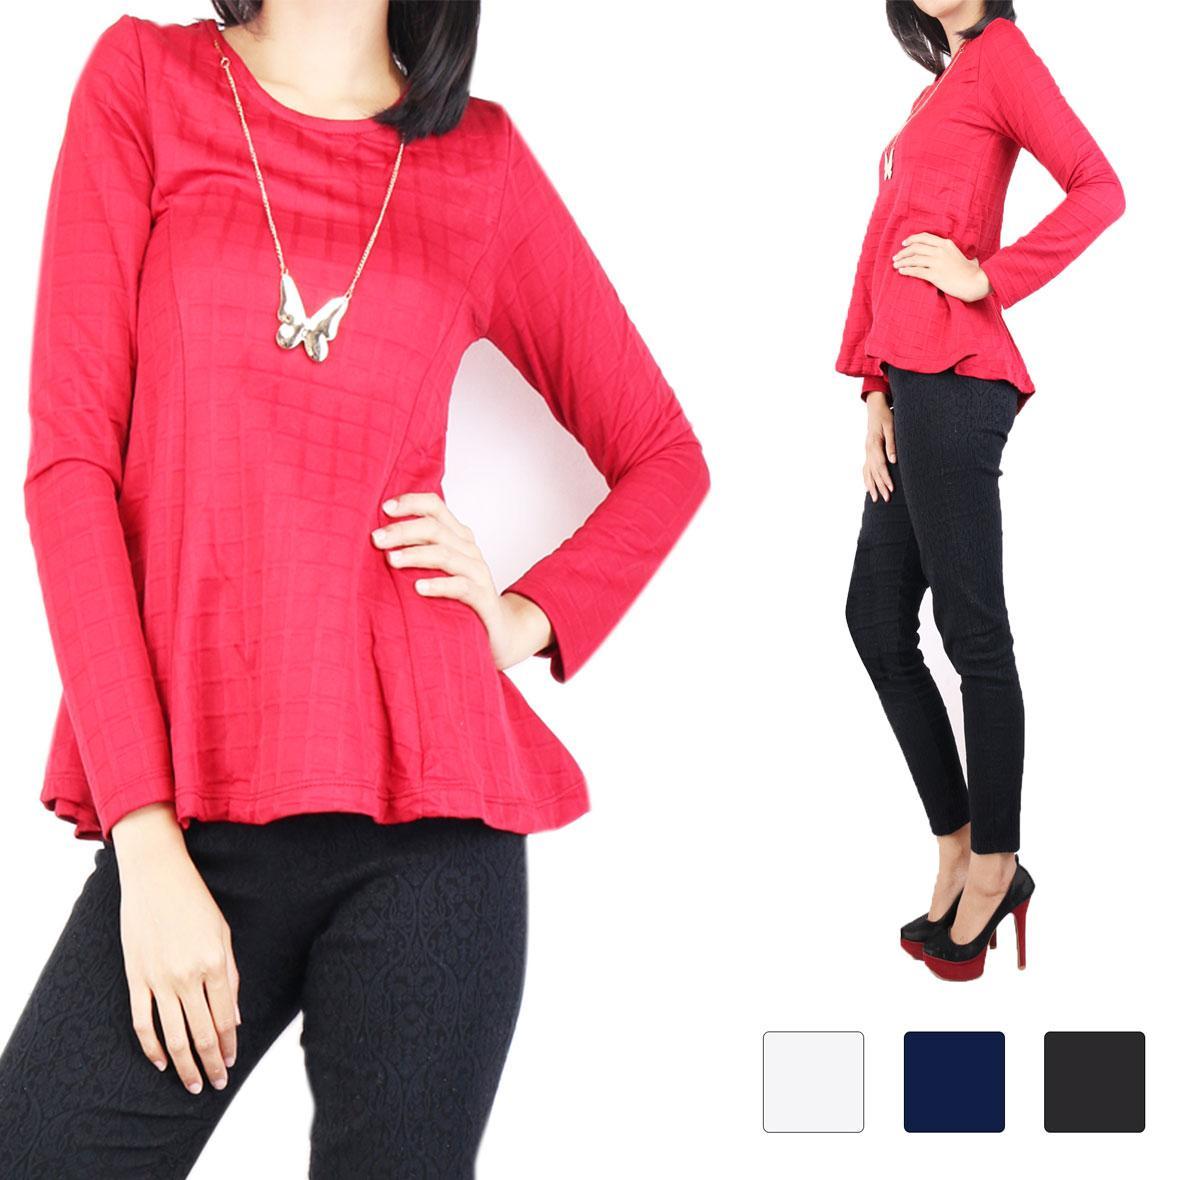 Oma Fashion Calvin Blouse Lengan Panjang- 4 Warna - Size M